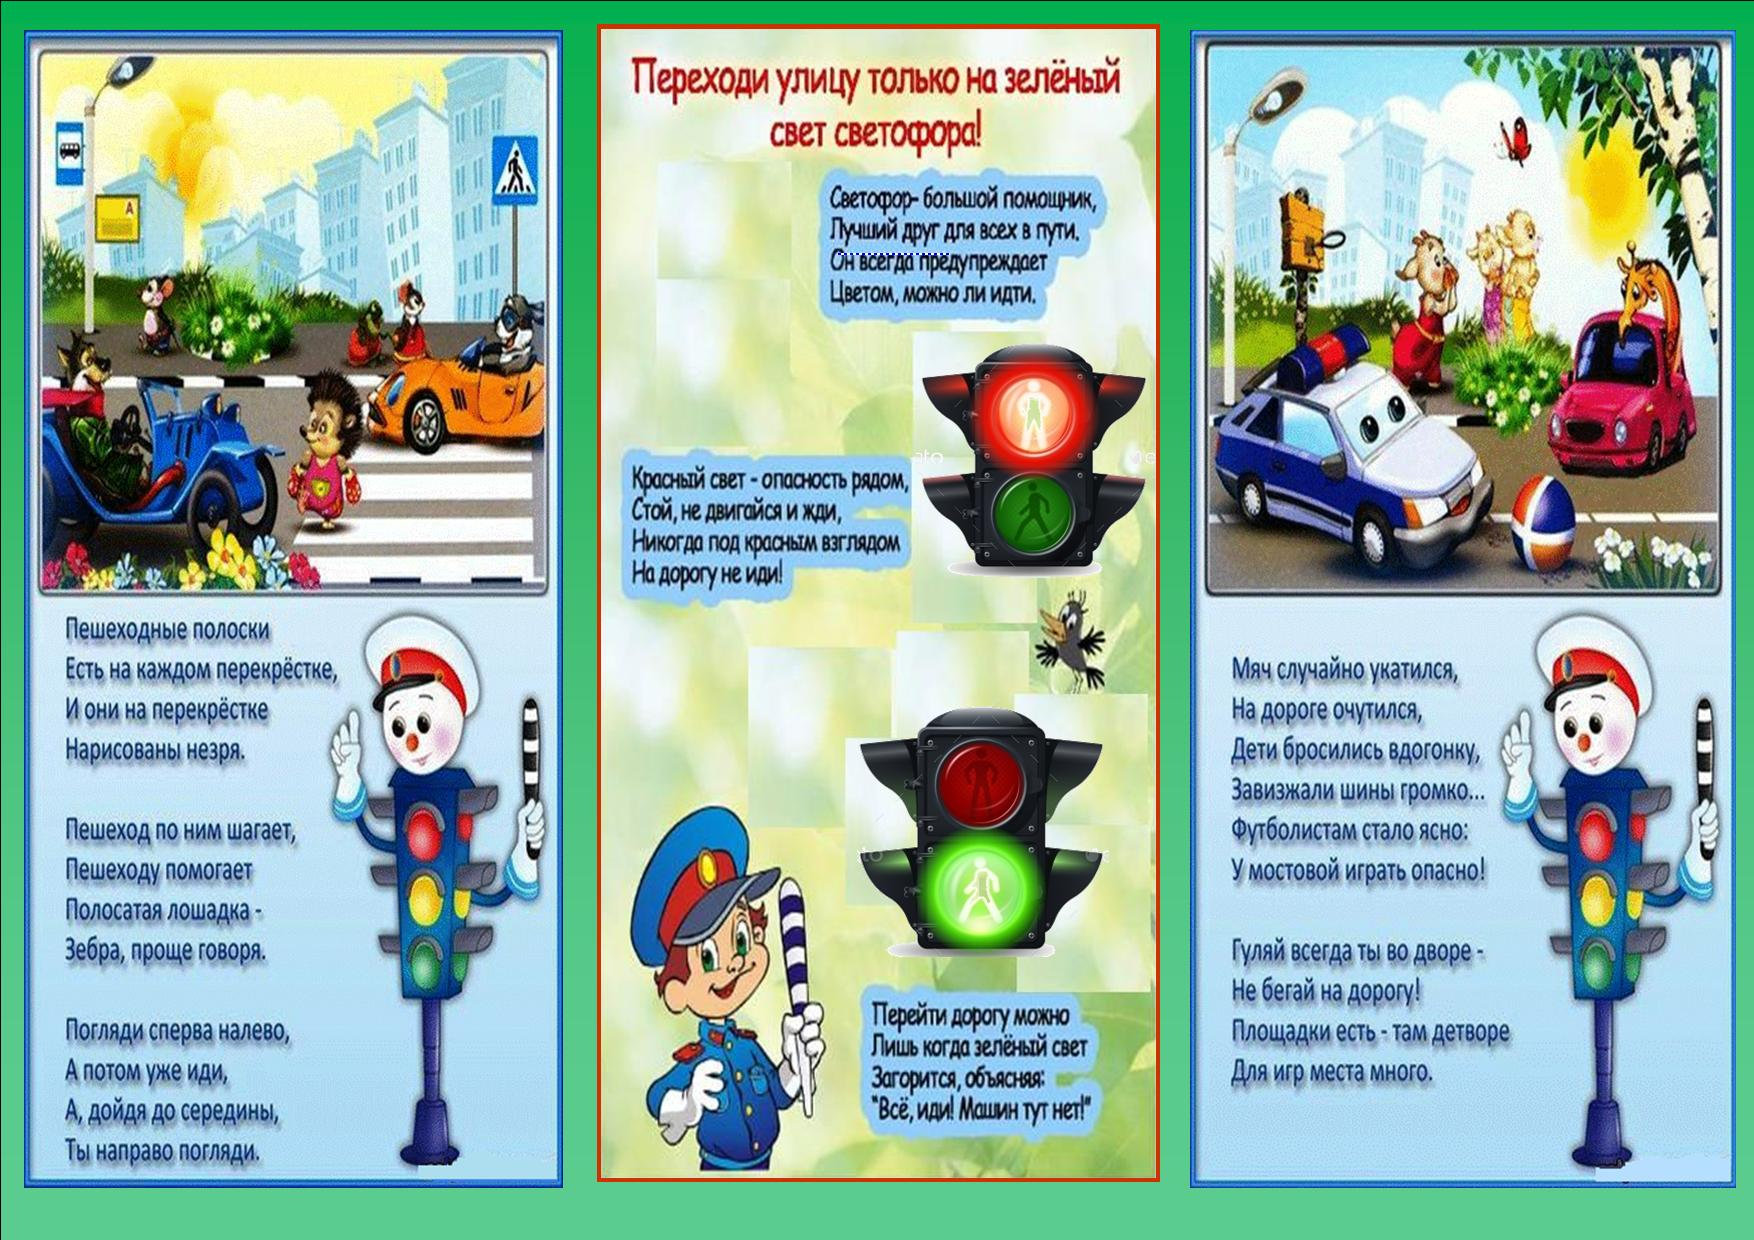 Обеспечение жизни и здоровья детей - Сайт st-dou55